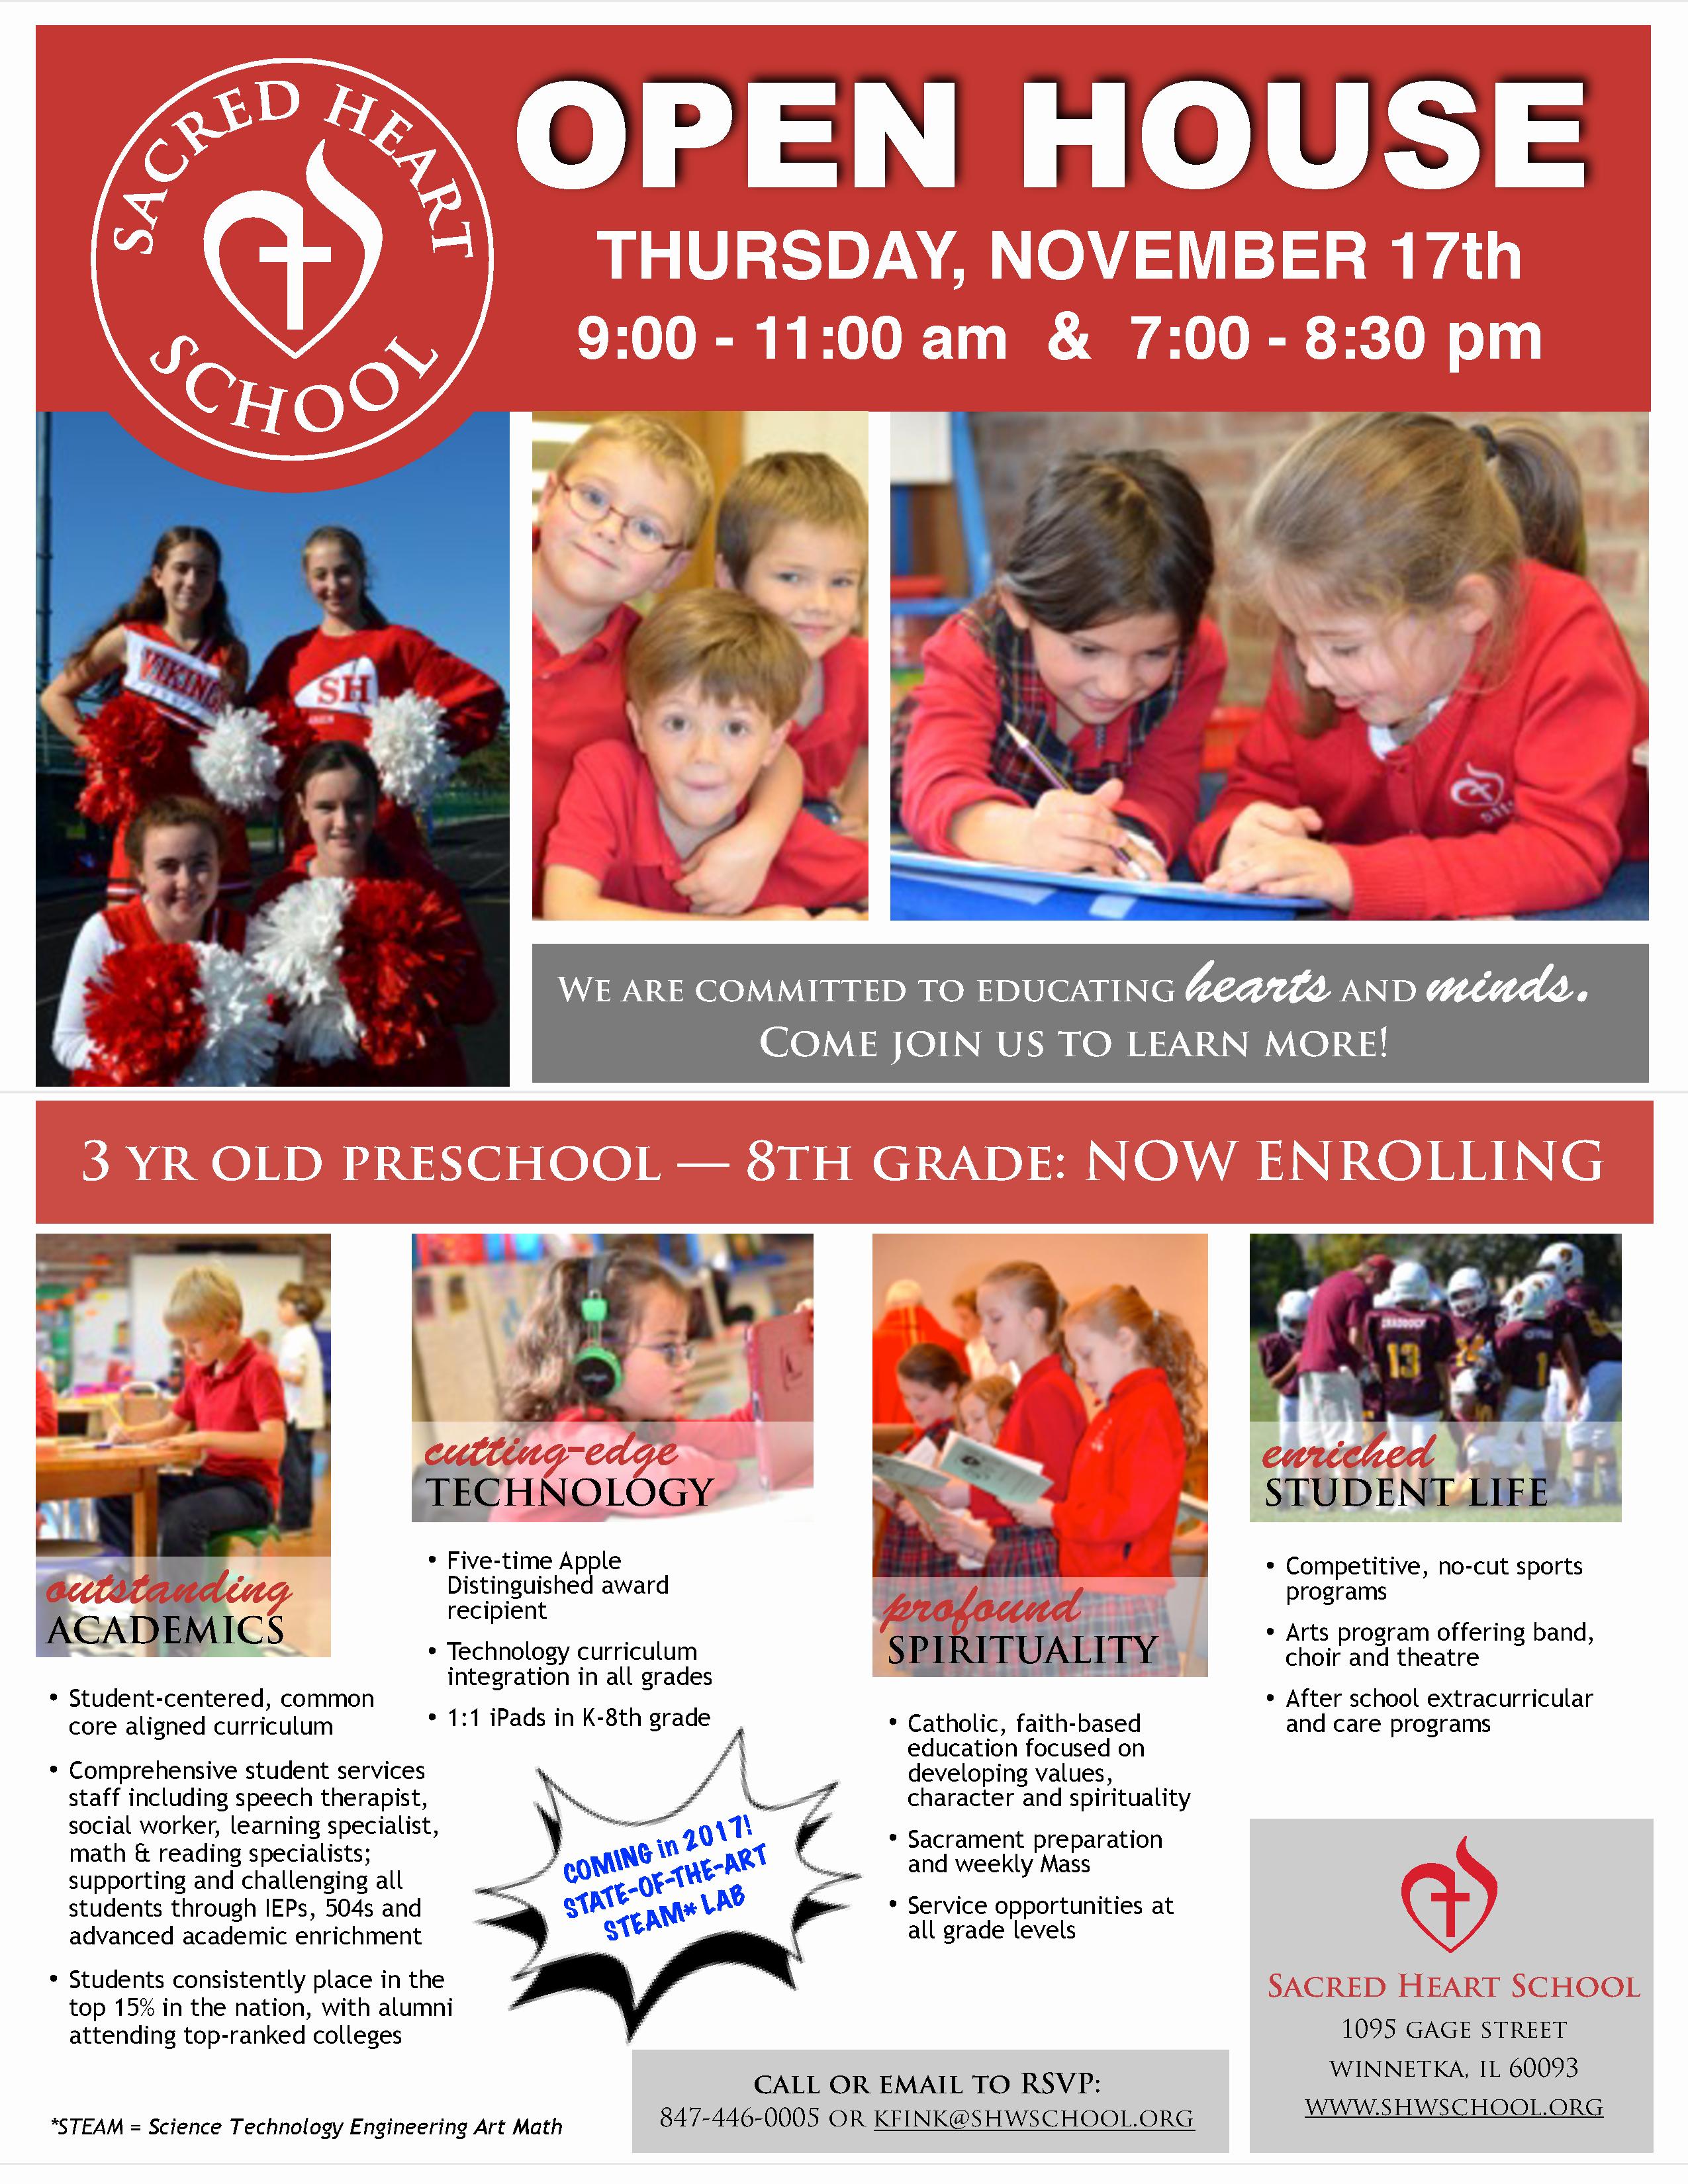 Open House Flyers for School New Sacred Heart School Open House Thursday November 17